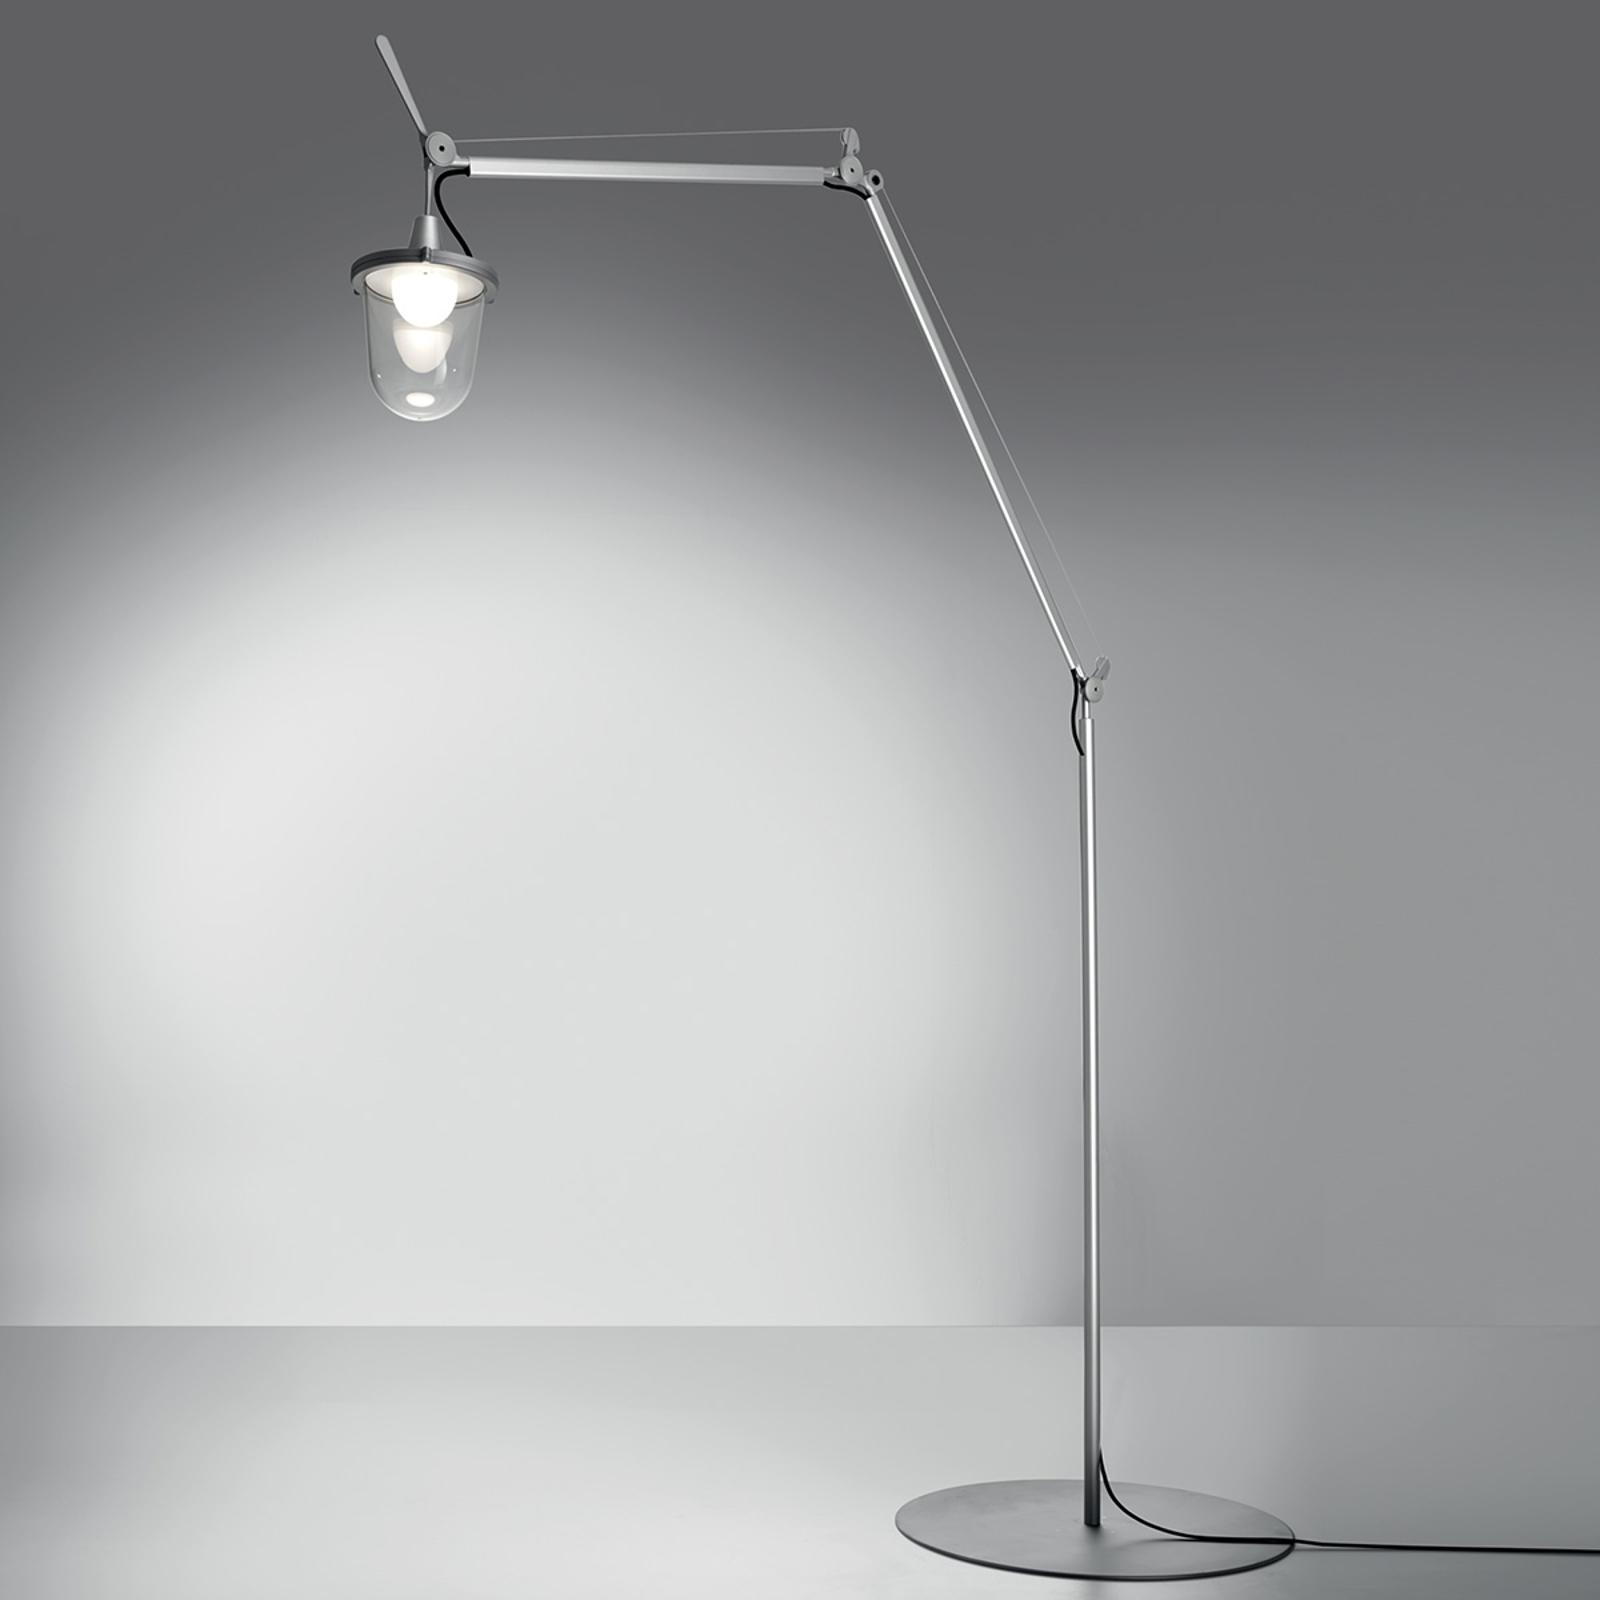 Artemide Tolomeo Lampione lampe de terrasse